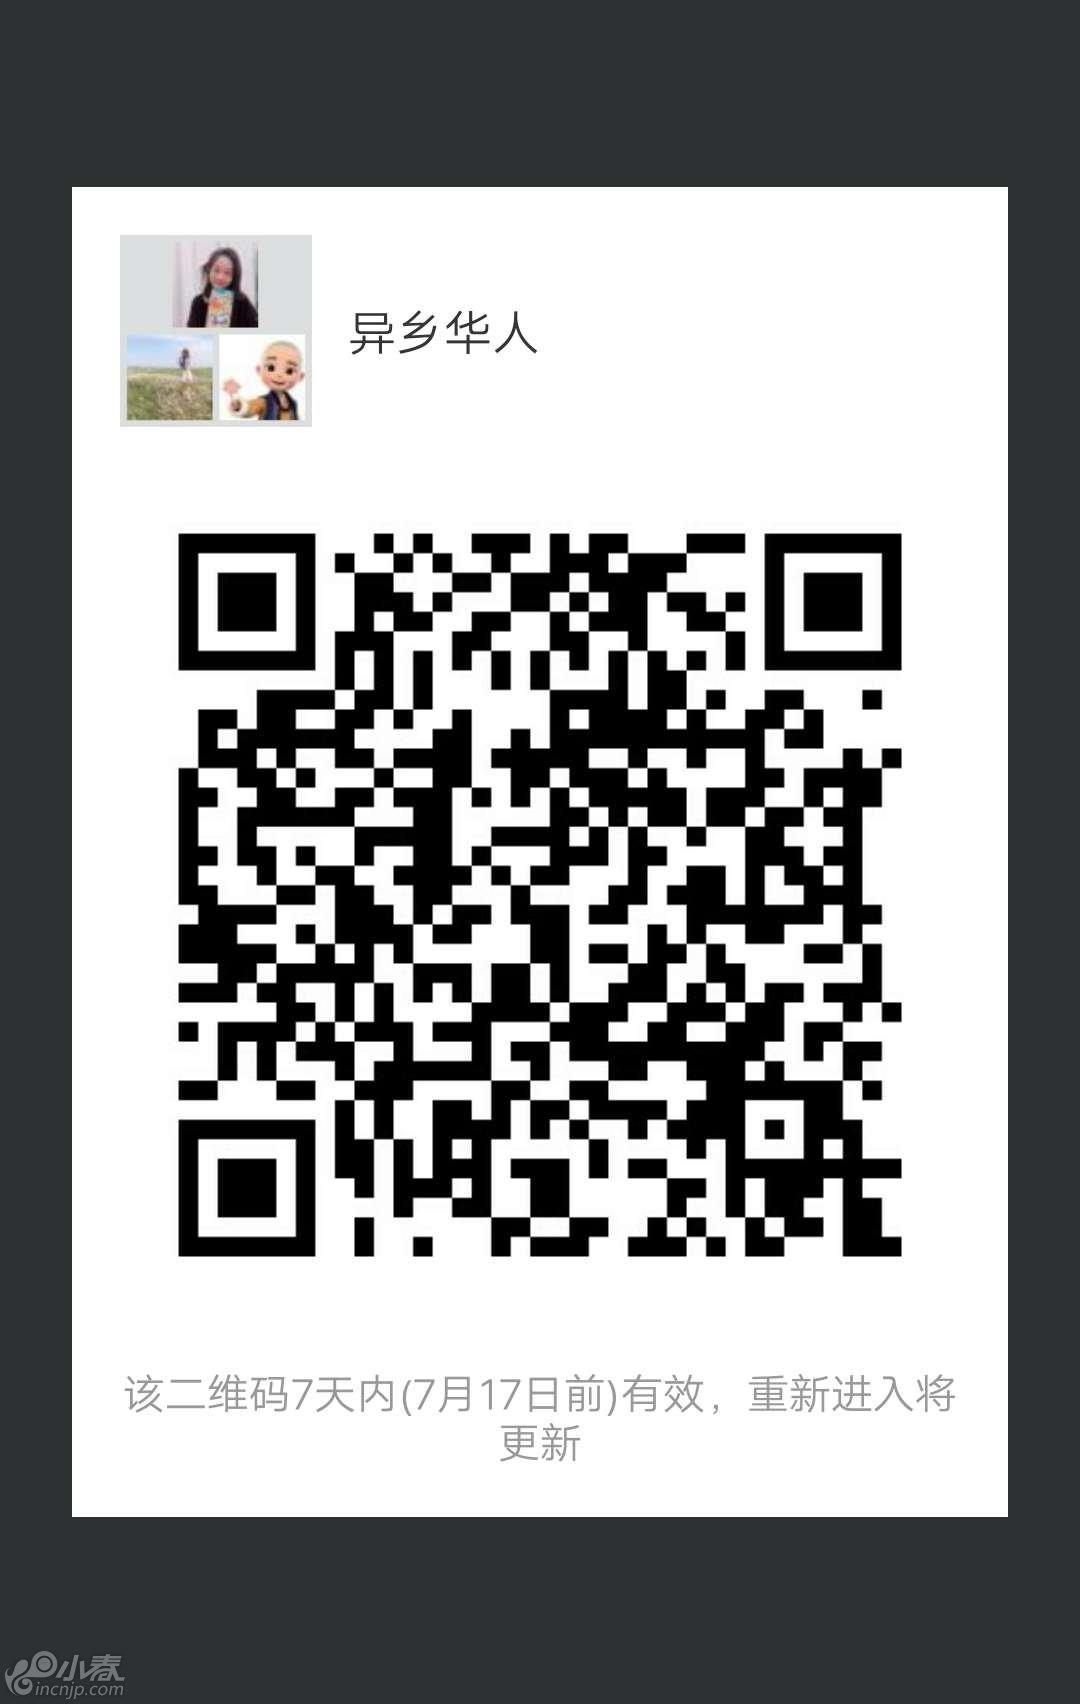 WeChat Image_20180710010654.jpg